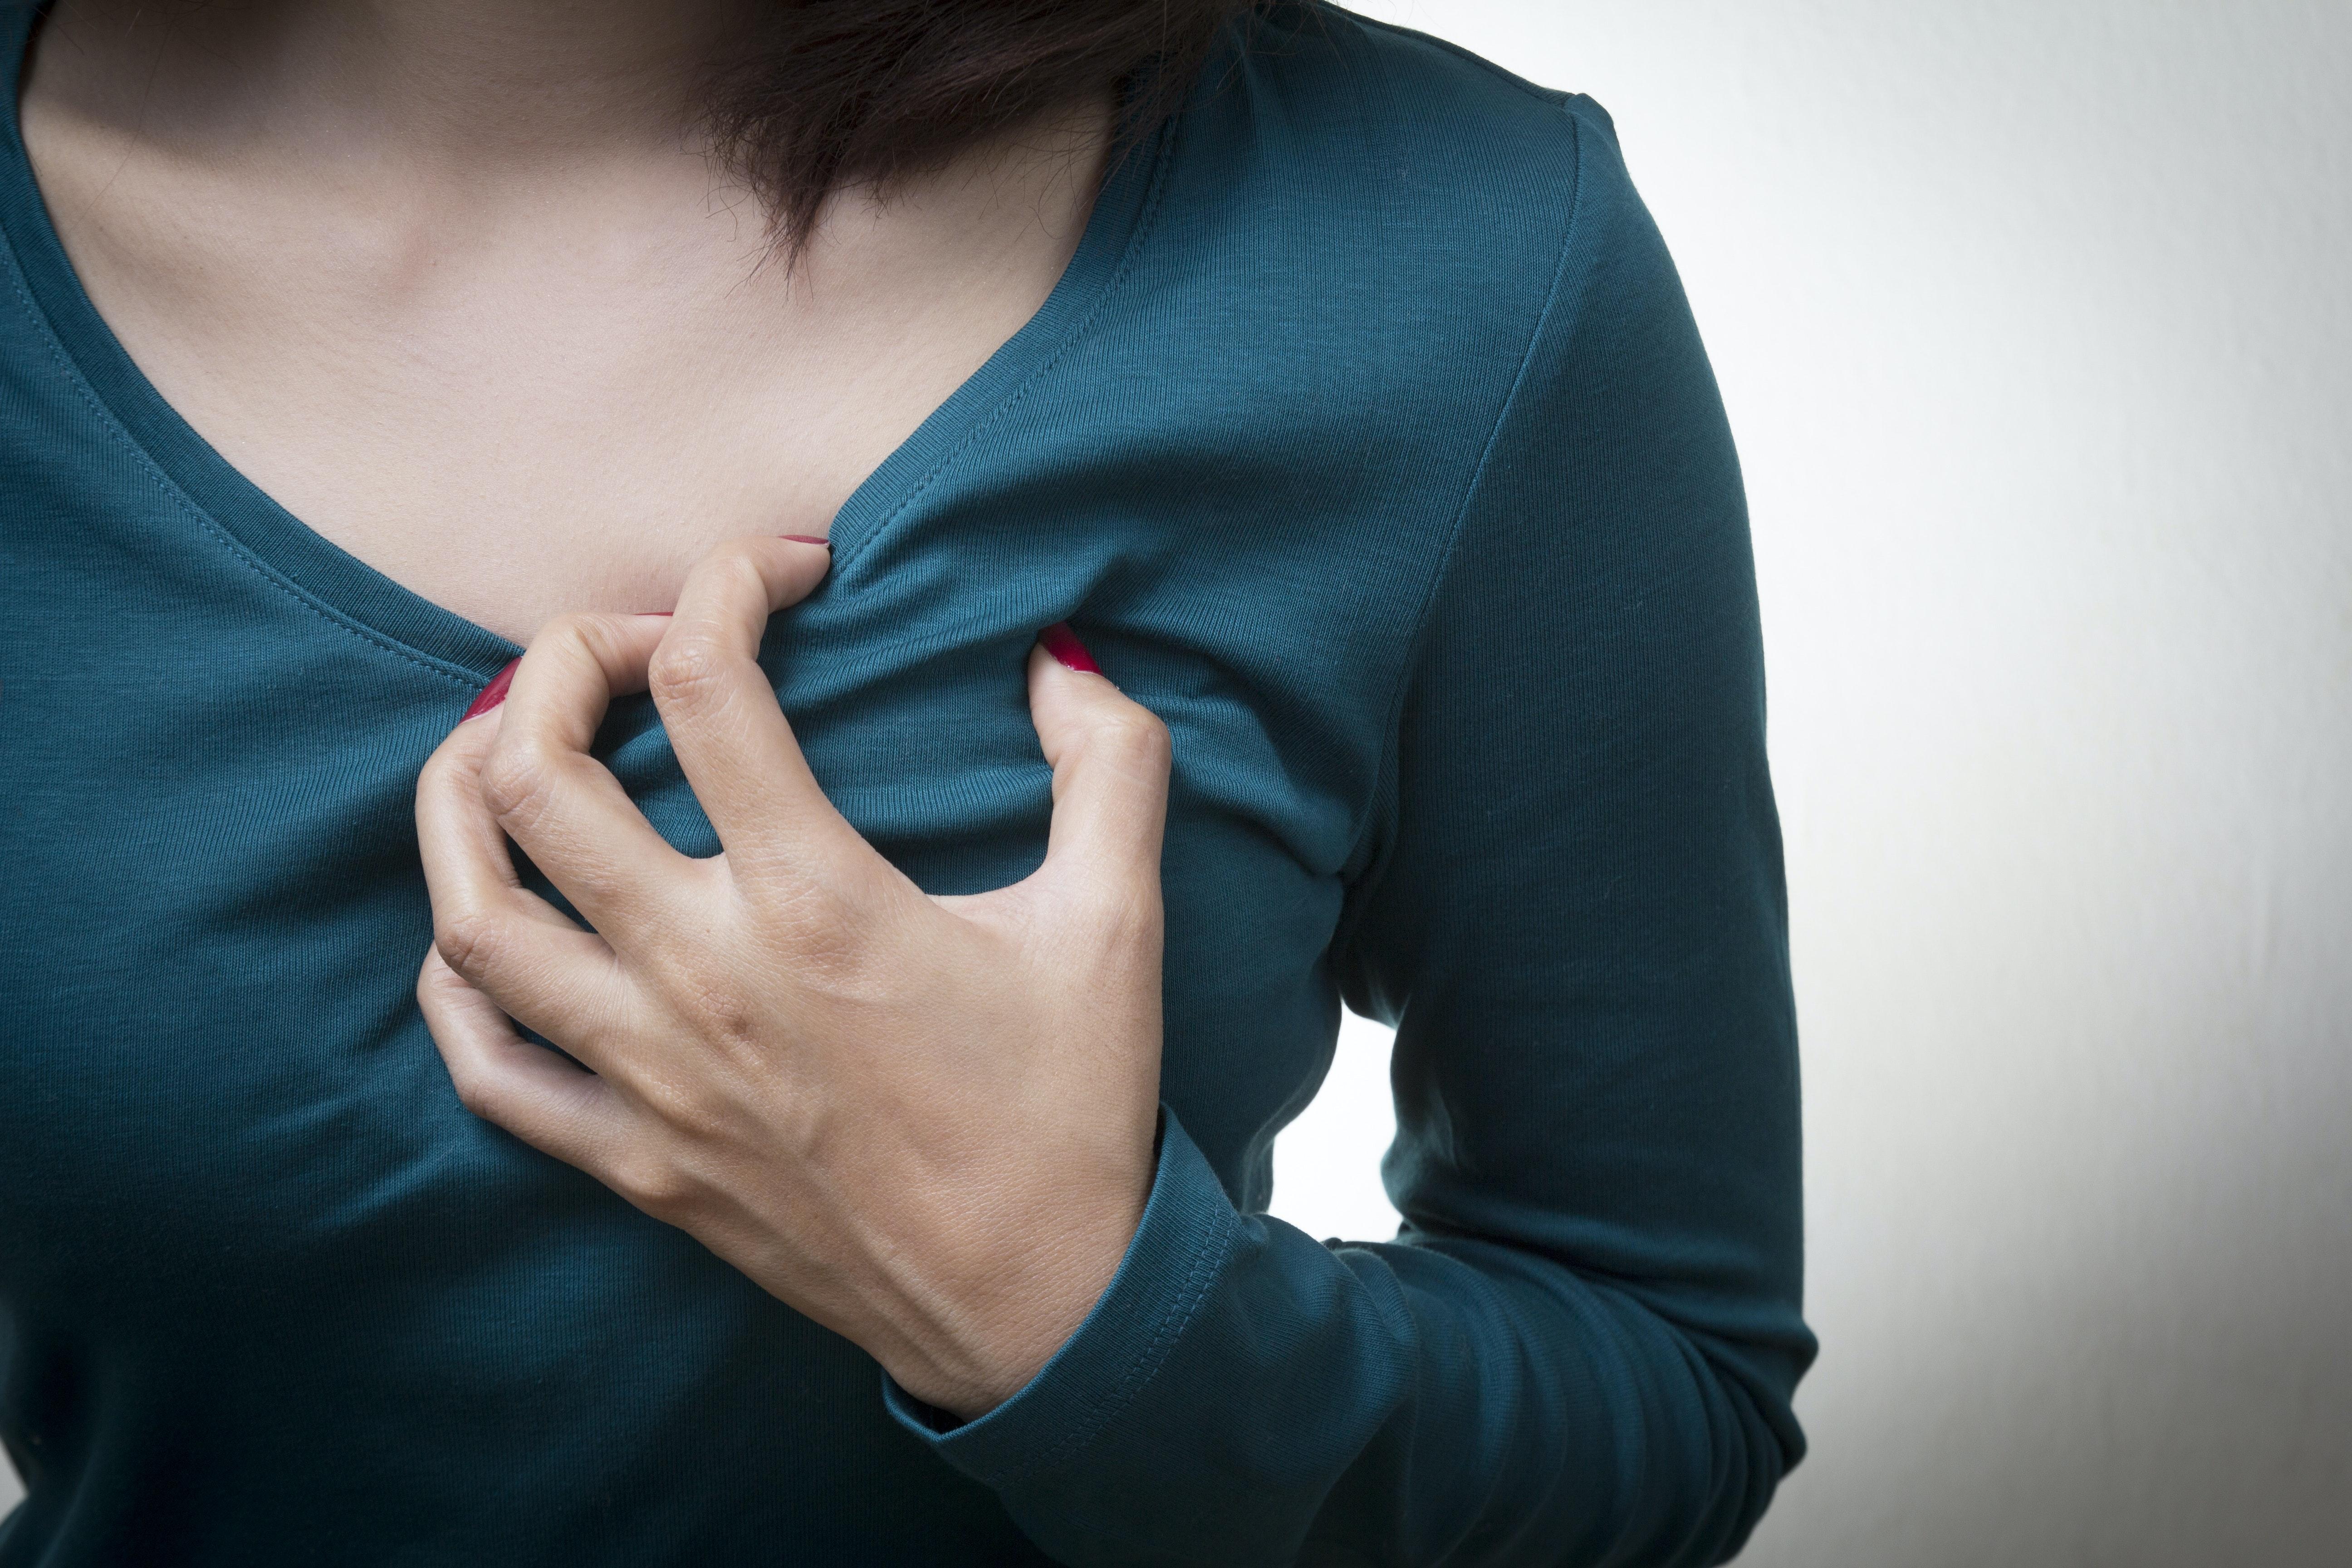 ilningar i bröstet gravid